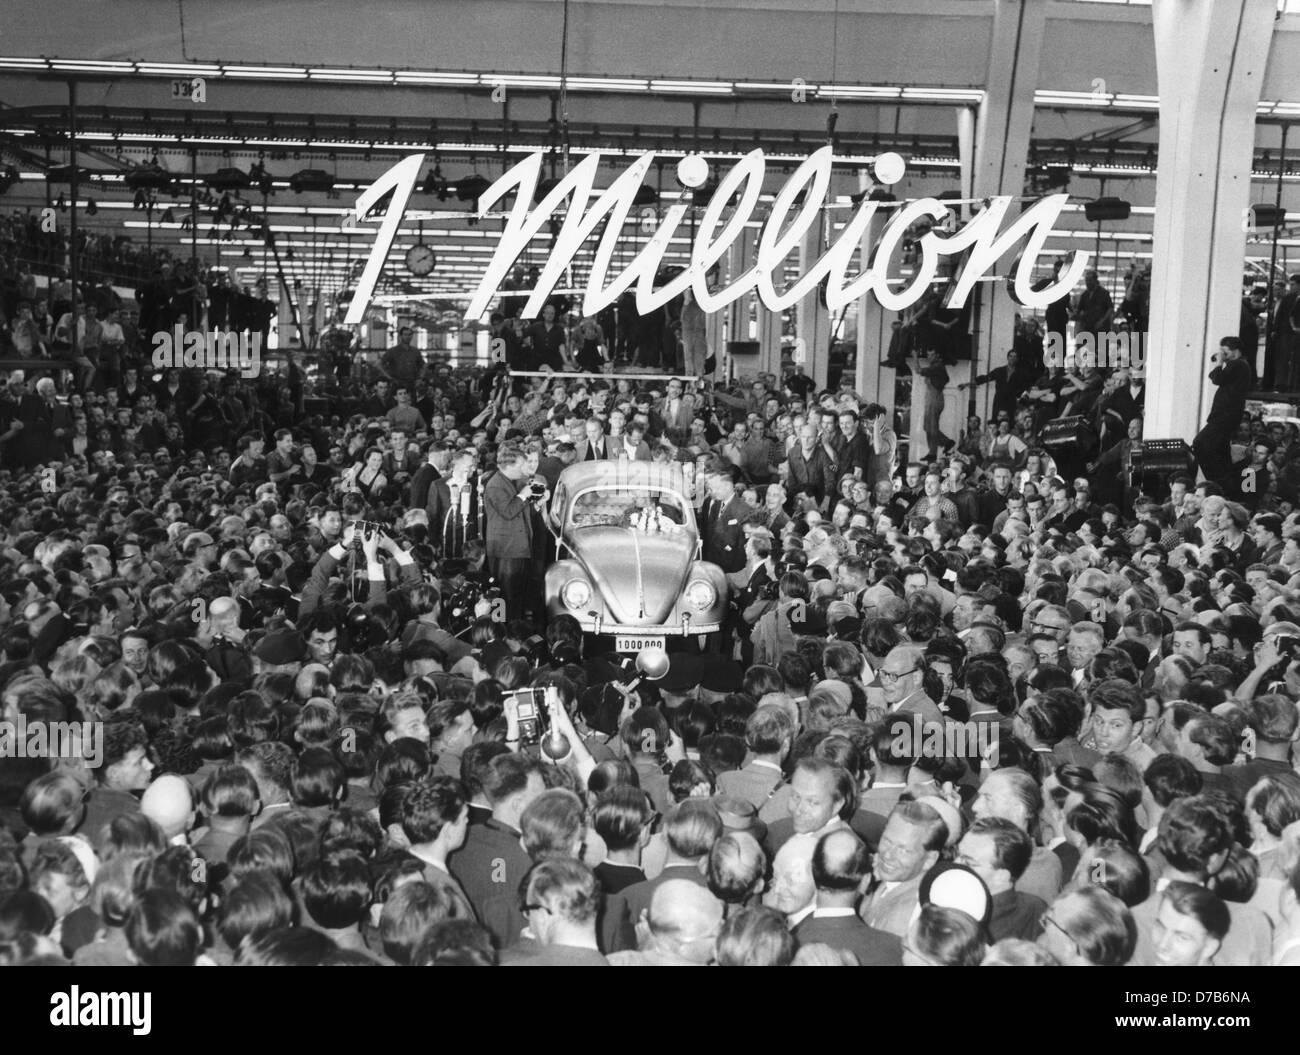 Le millionième VW Käfer est présenté à Wolfsburg le 5 août en 1955. Banque D'Images